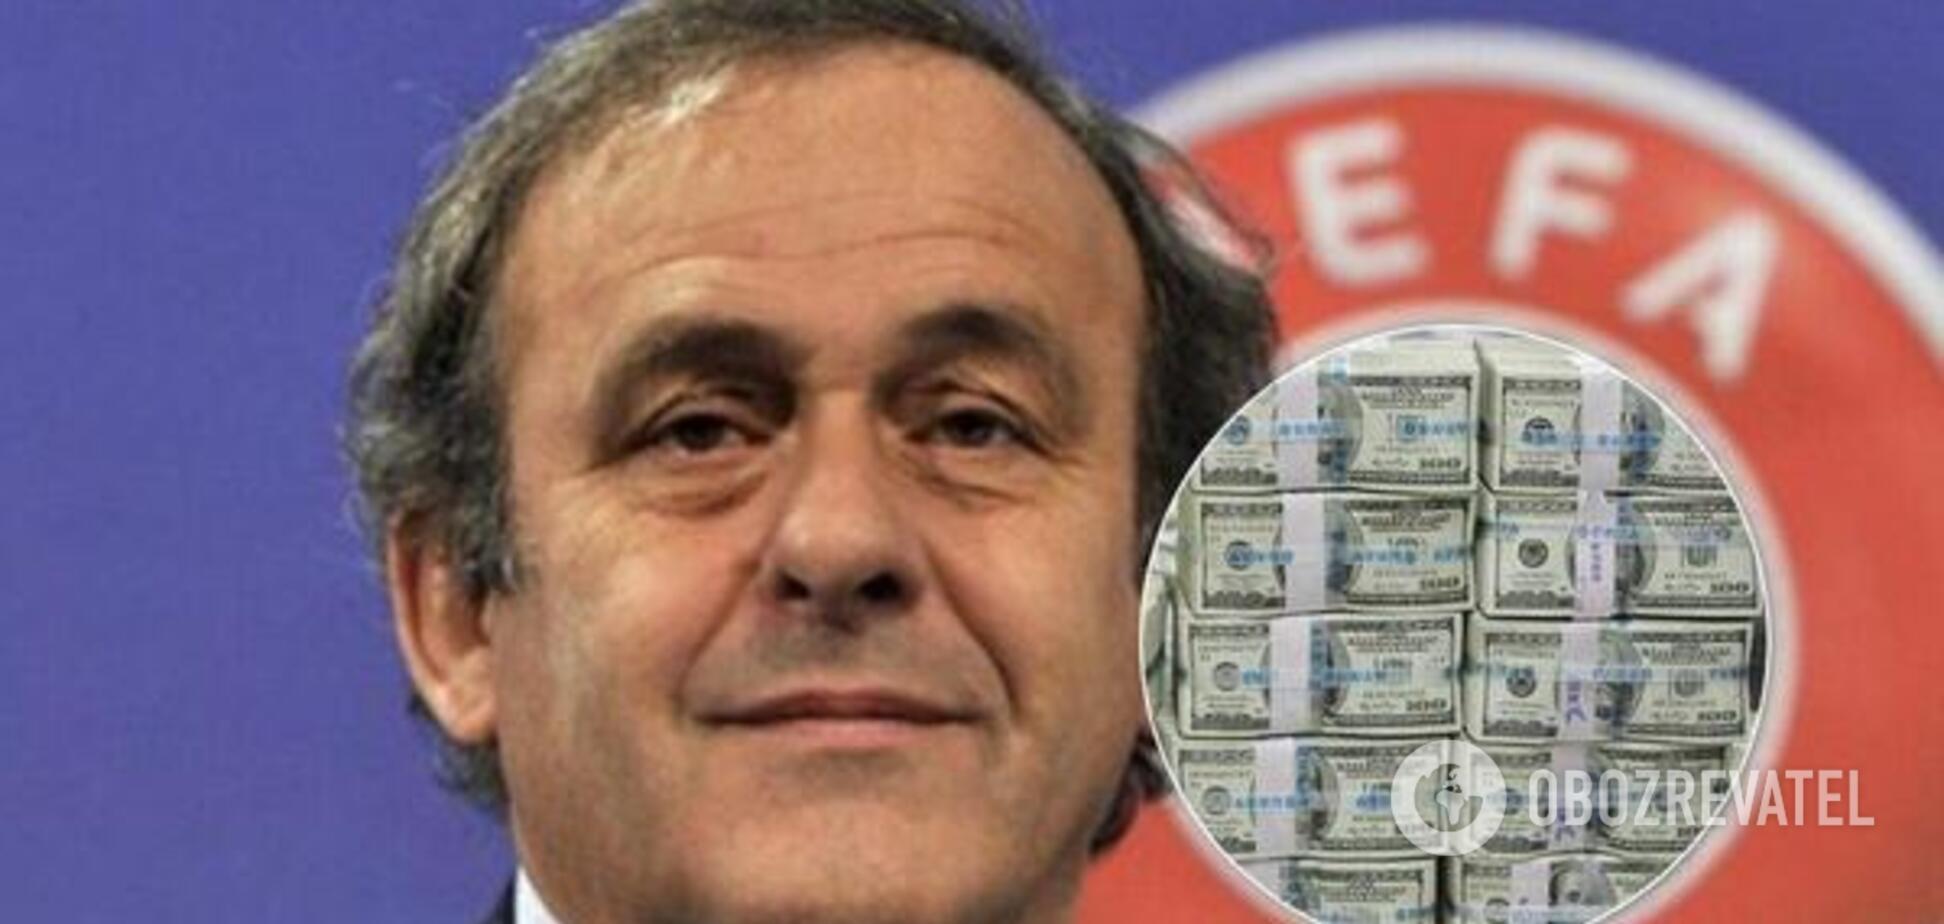 Коррупция на ЧМ-2022: экс-президента УЕФА Платини освободили из-под стражи